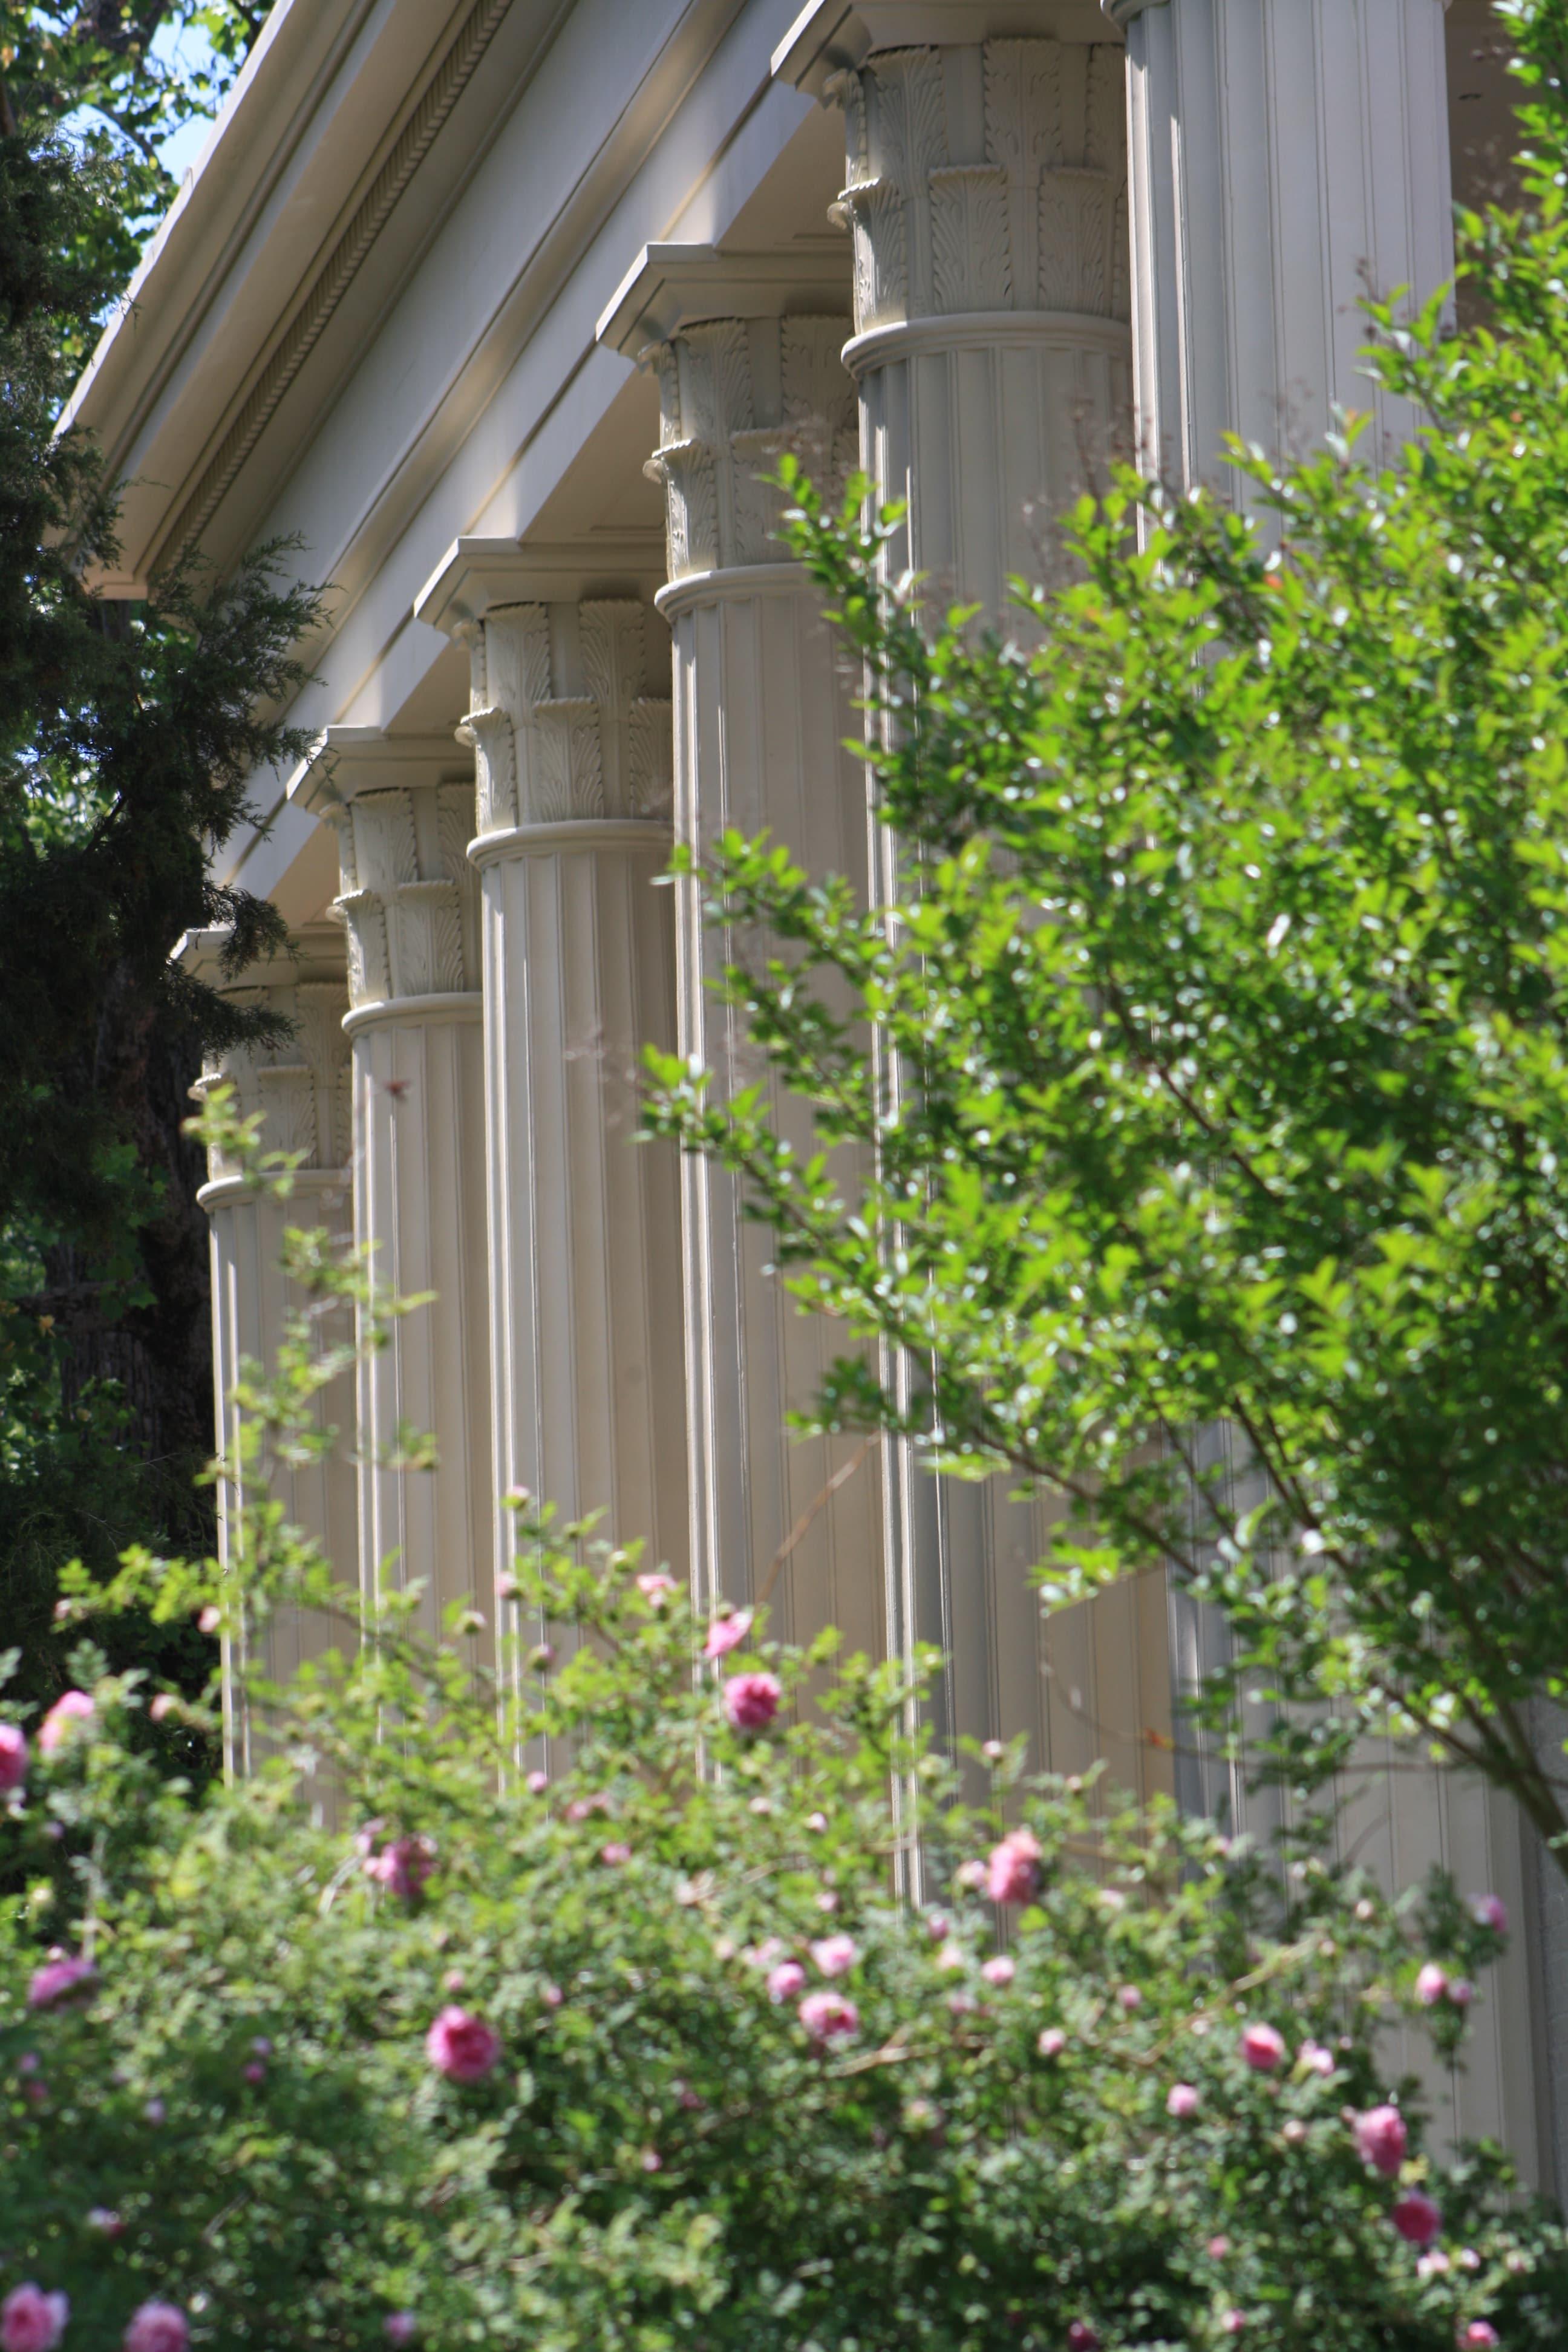 Hermitage mansion columns